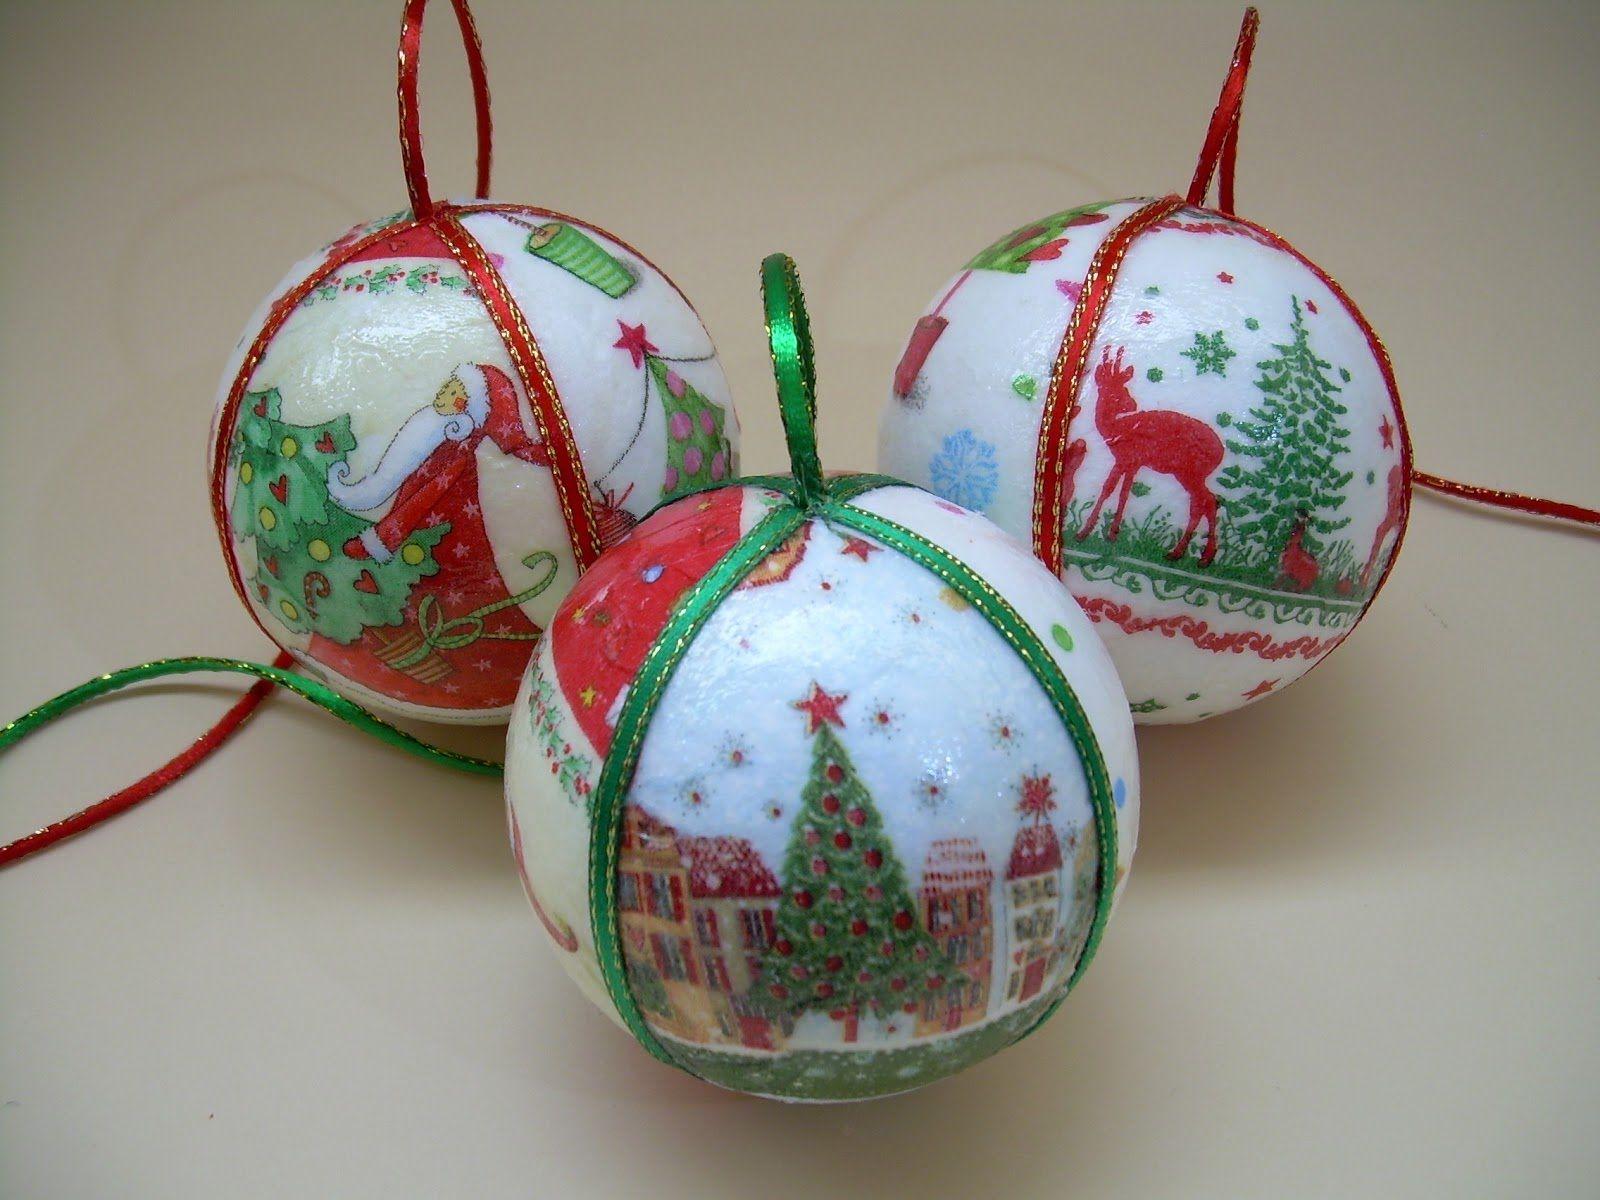 Diy navidad esferas navide as con servilletas manualidades navidad pinterest esferas - Manualidades bolas de navidad ...